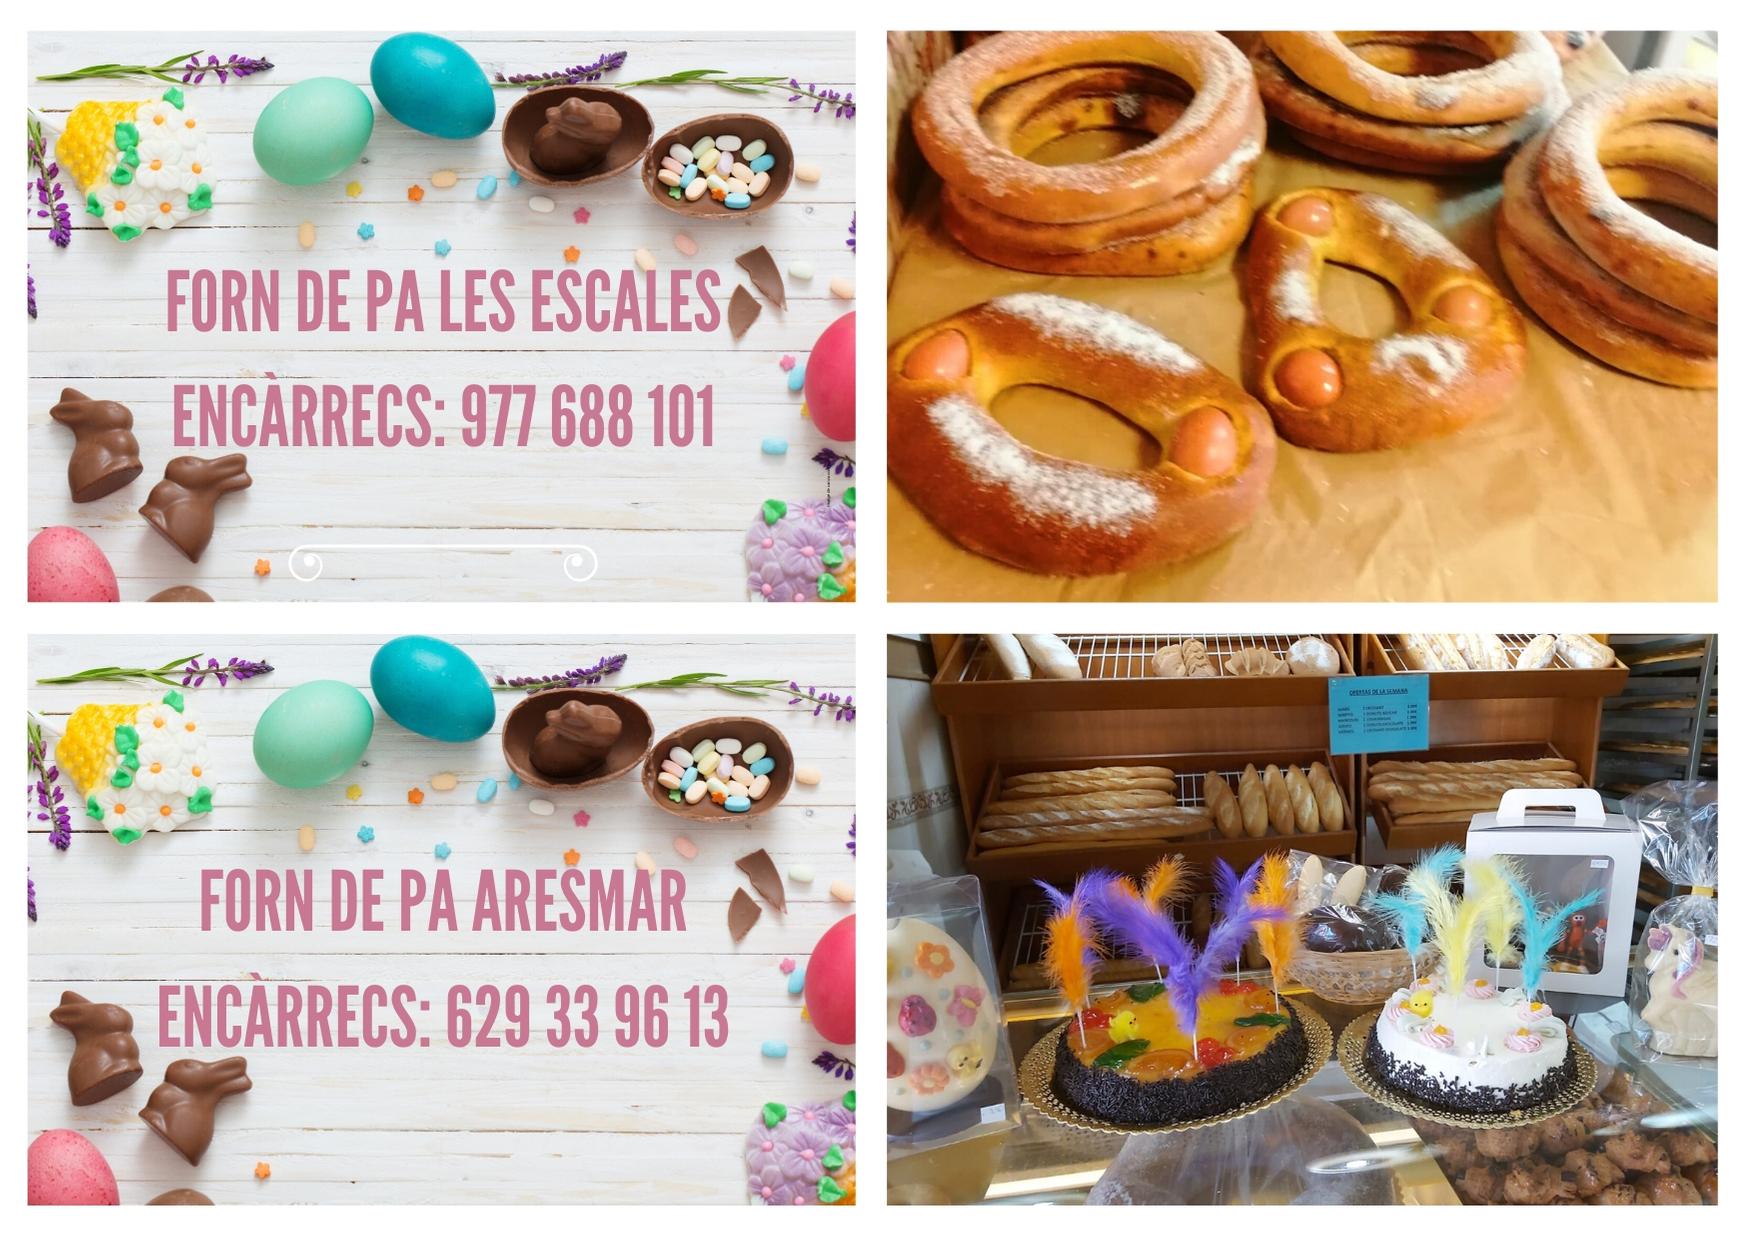 Telèfons per a encarregar mones de Pasqua als forns de pa de la Bisbal